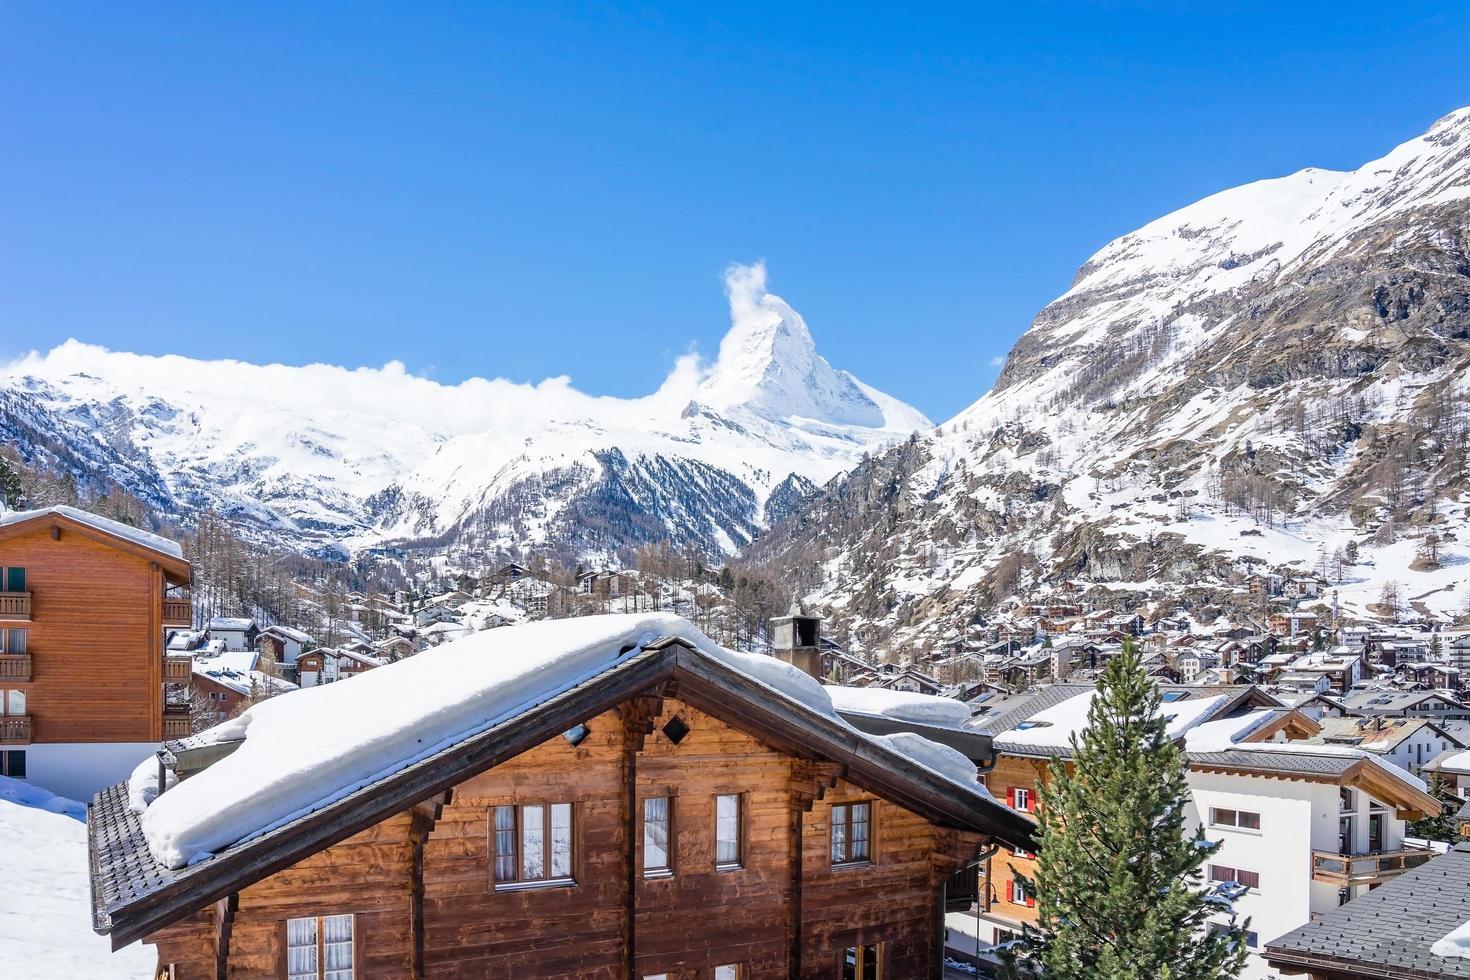 altes dorf am sonnigen tag mit matterhorn spitzenhintergrund in zermatt, schweiz foto